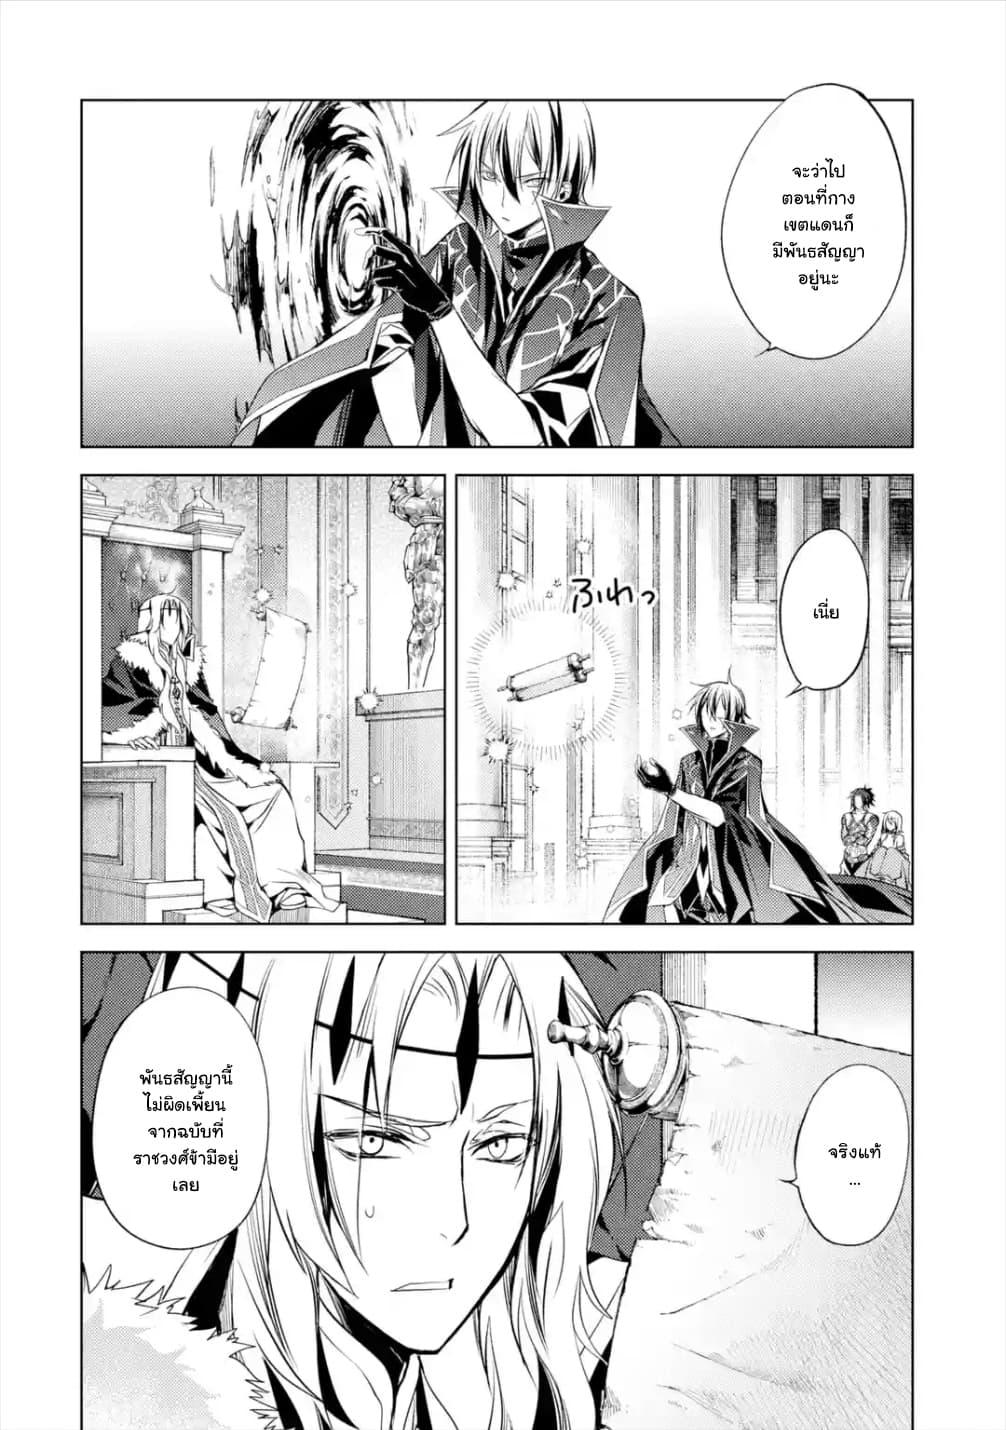 อ่านการ์ตูน Senmetsumadou no Saikyokenja ตอนที่ 5.1 หน้าที่ 8